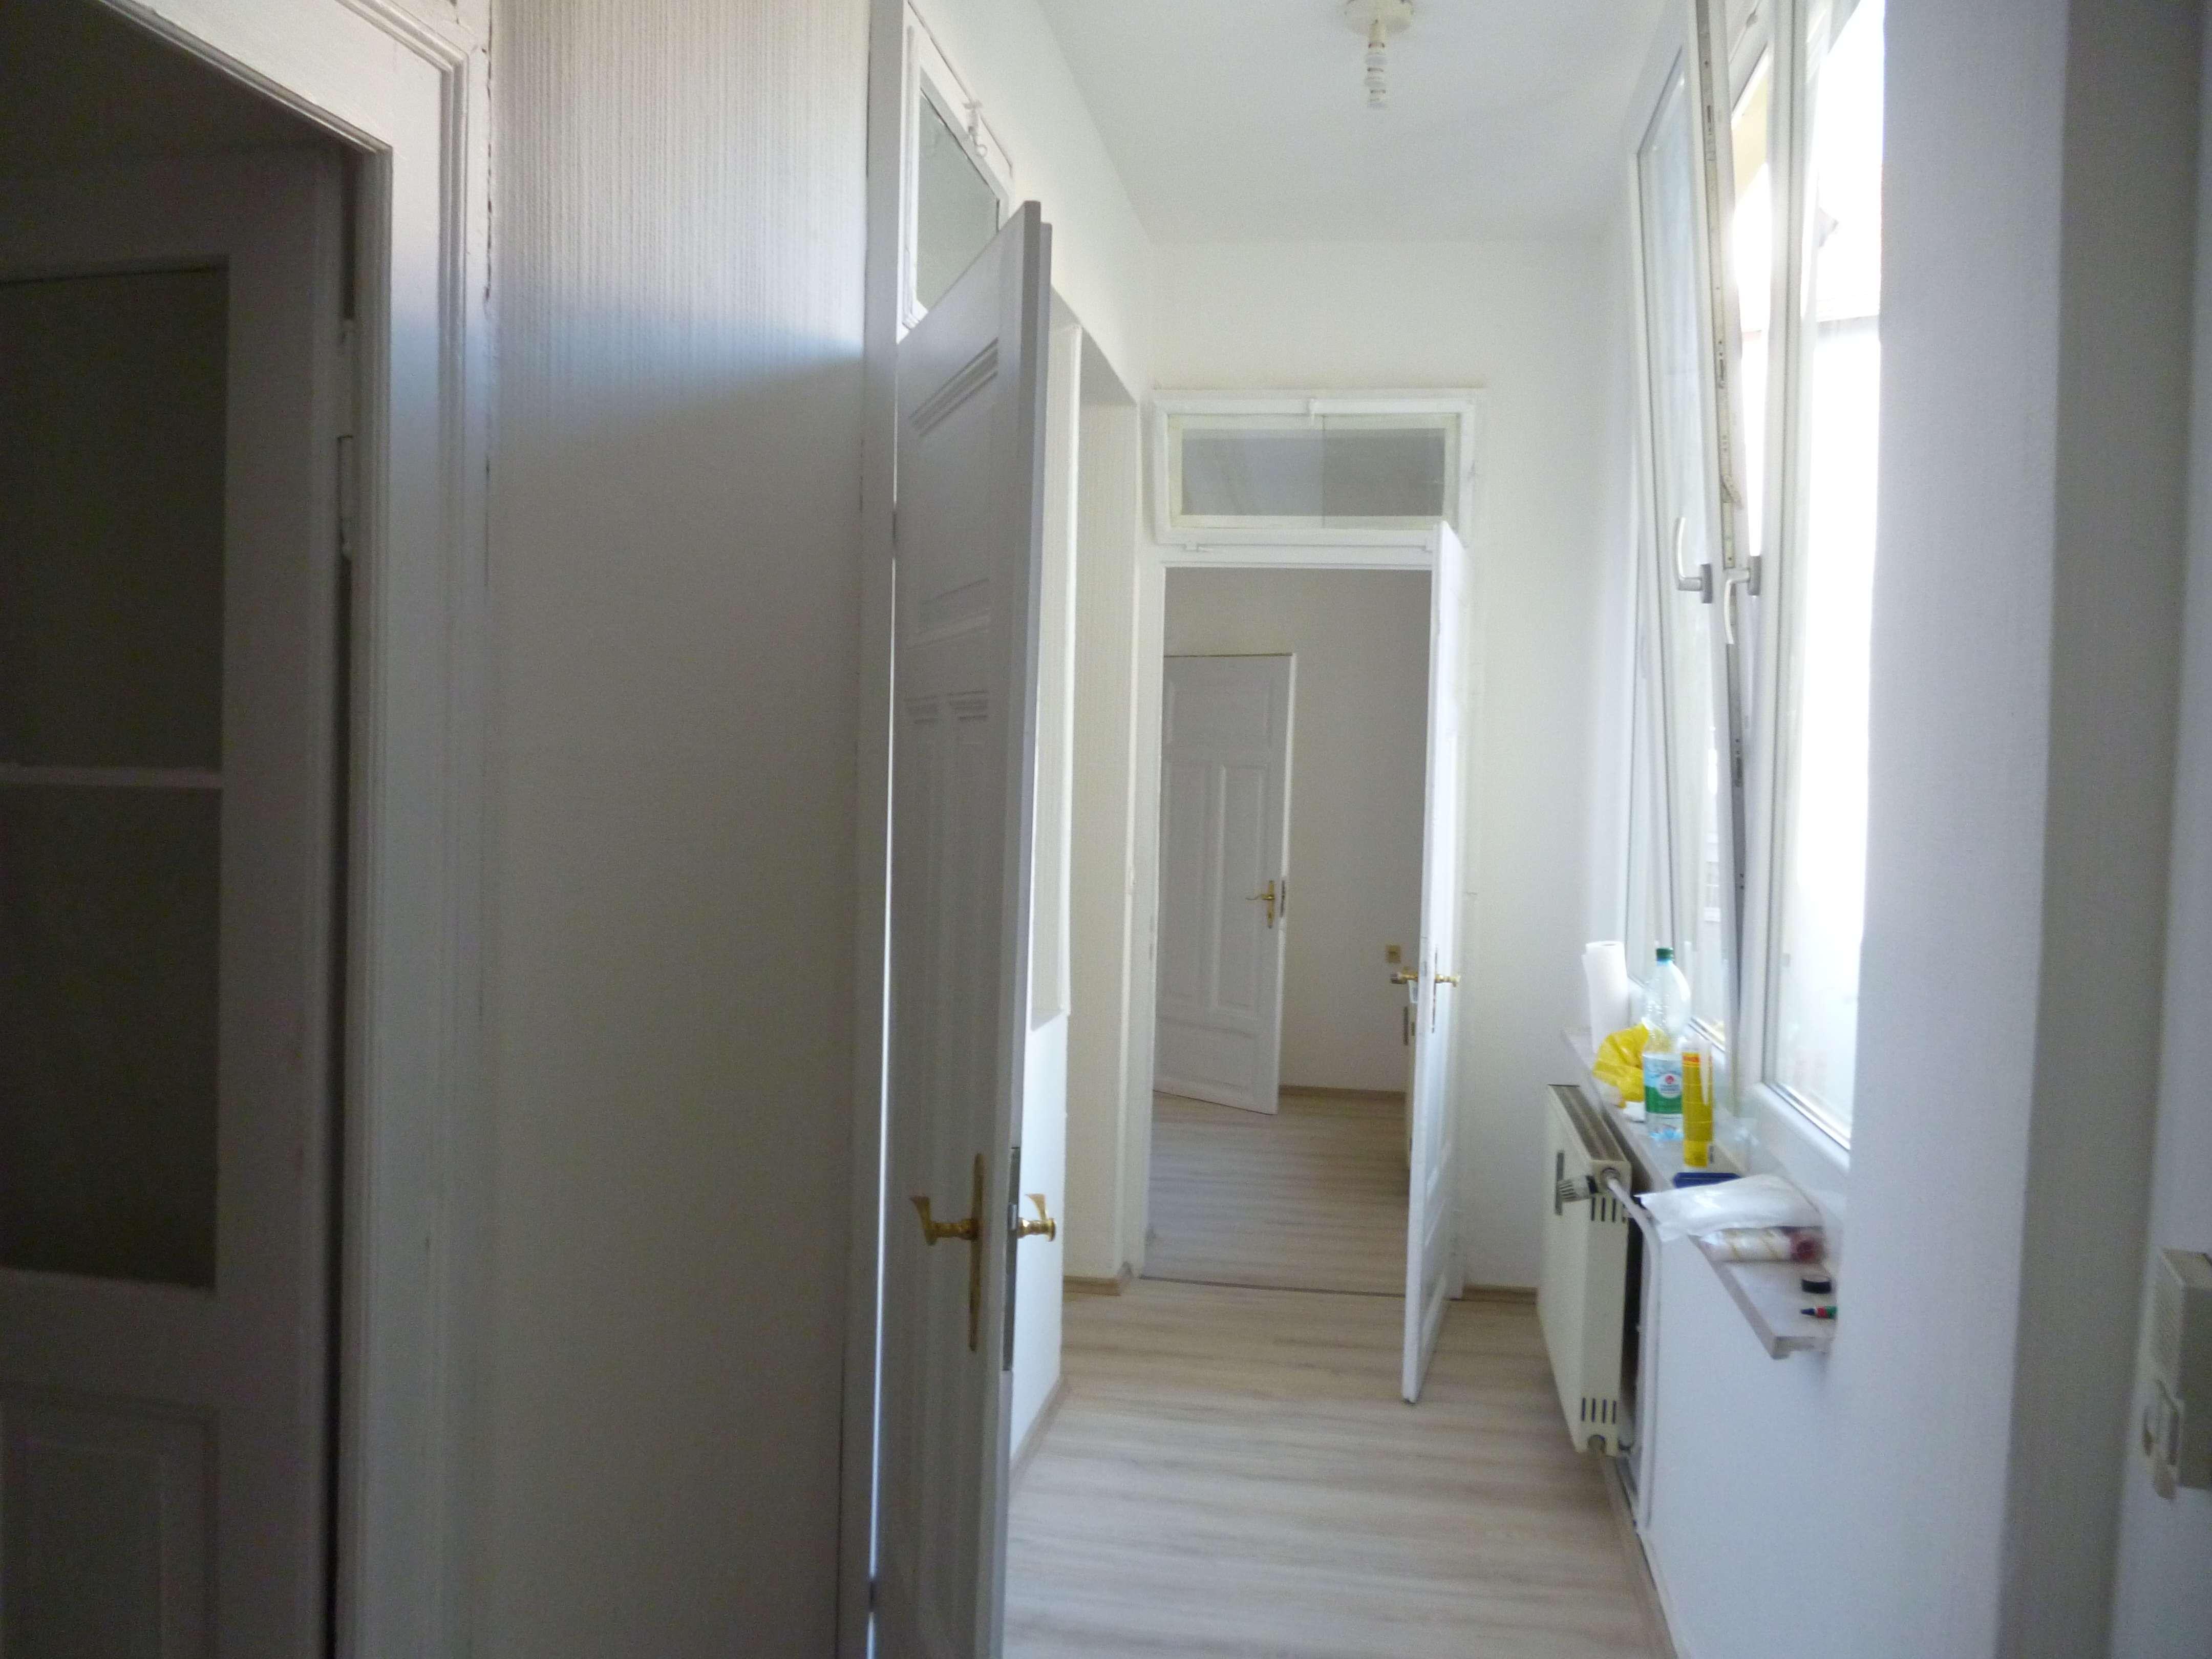 Schöne sonnige 2 Zimmer Wohnung in Nürnberg-Gostenhof in Gostenhof (Nürnberg)